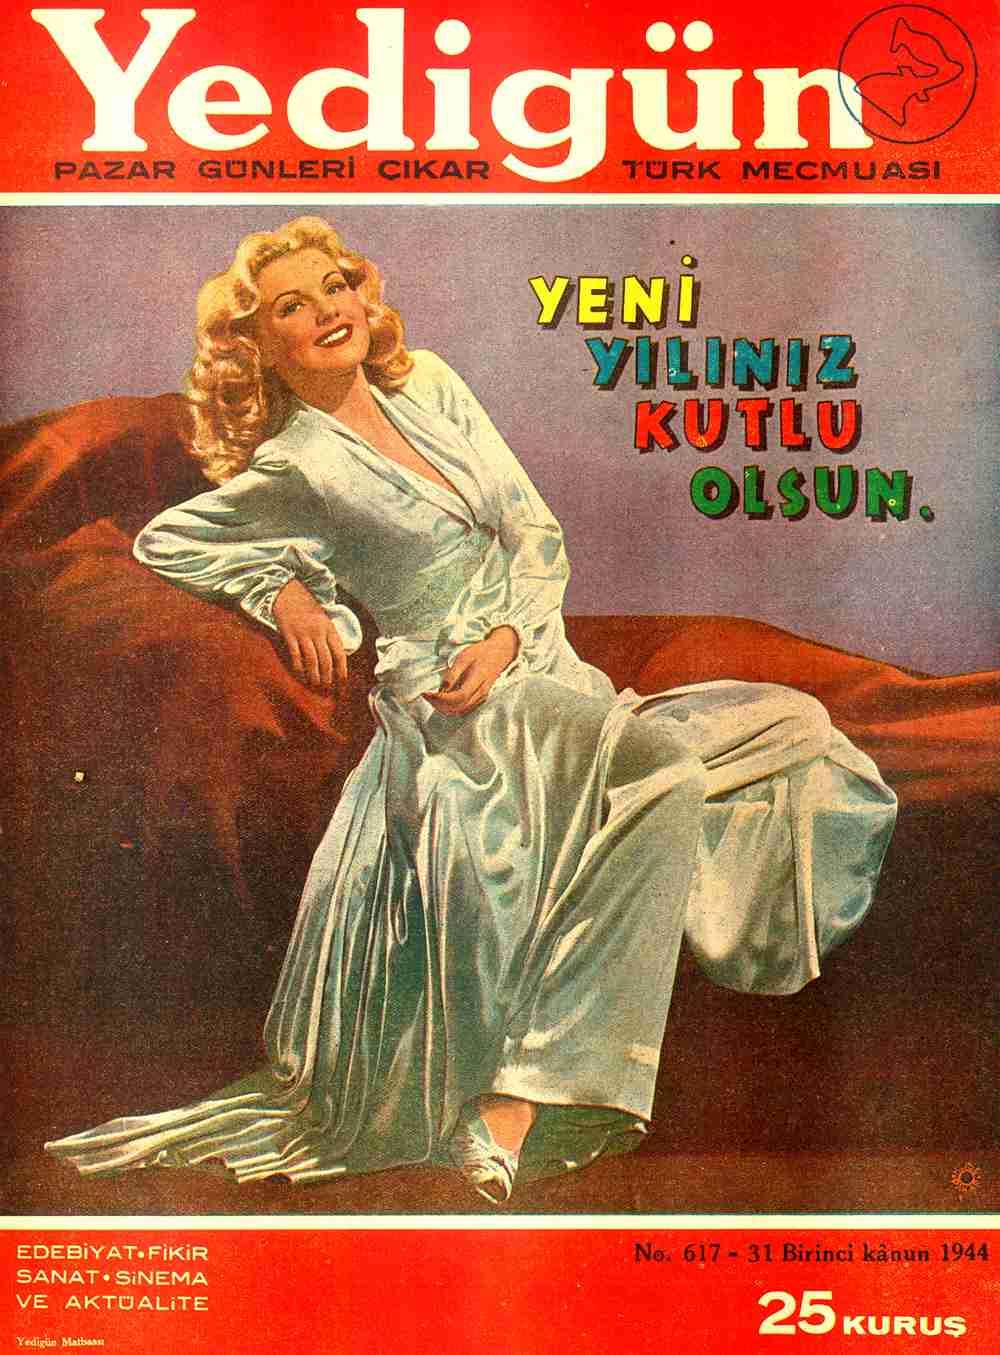 1944-yedigun